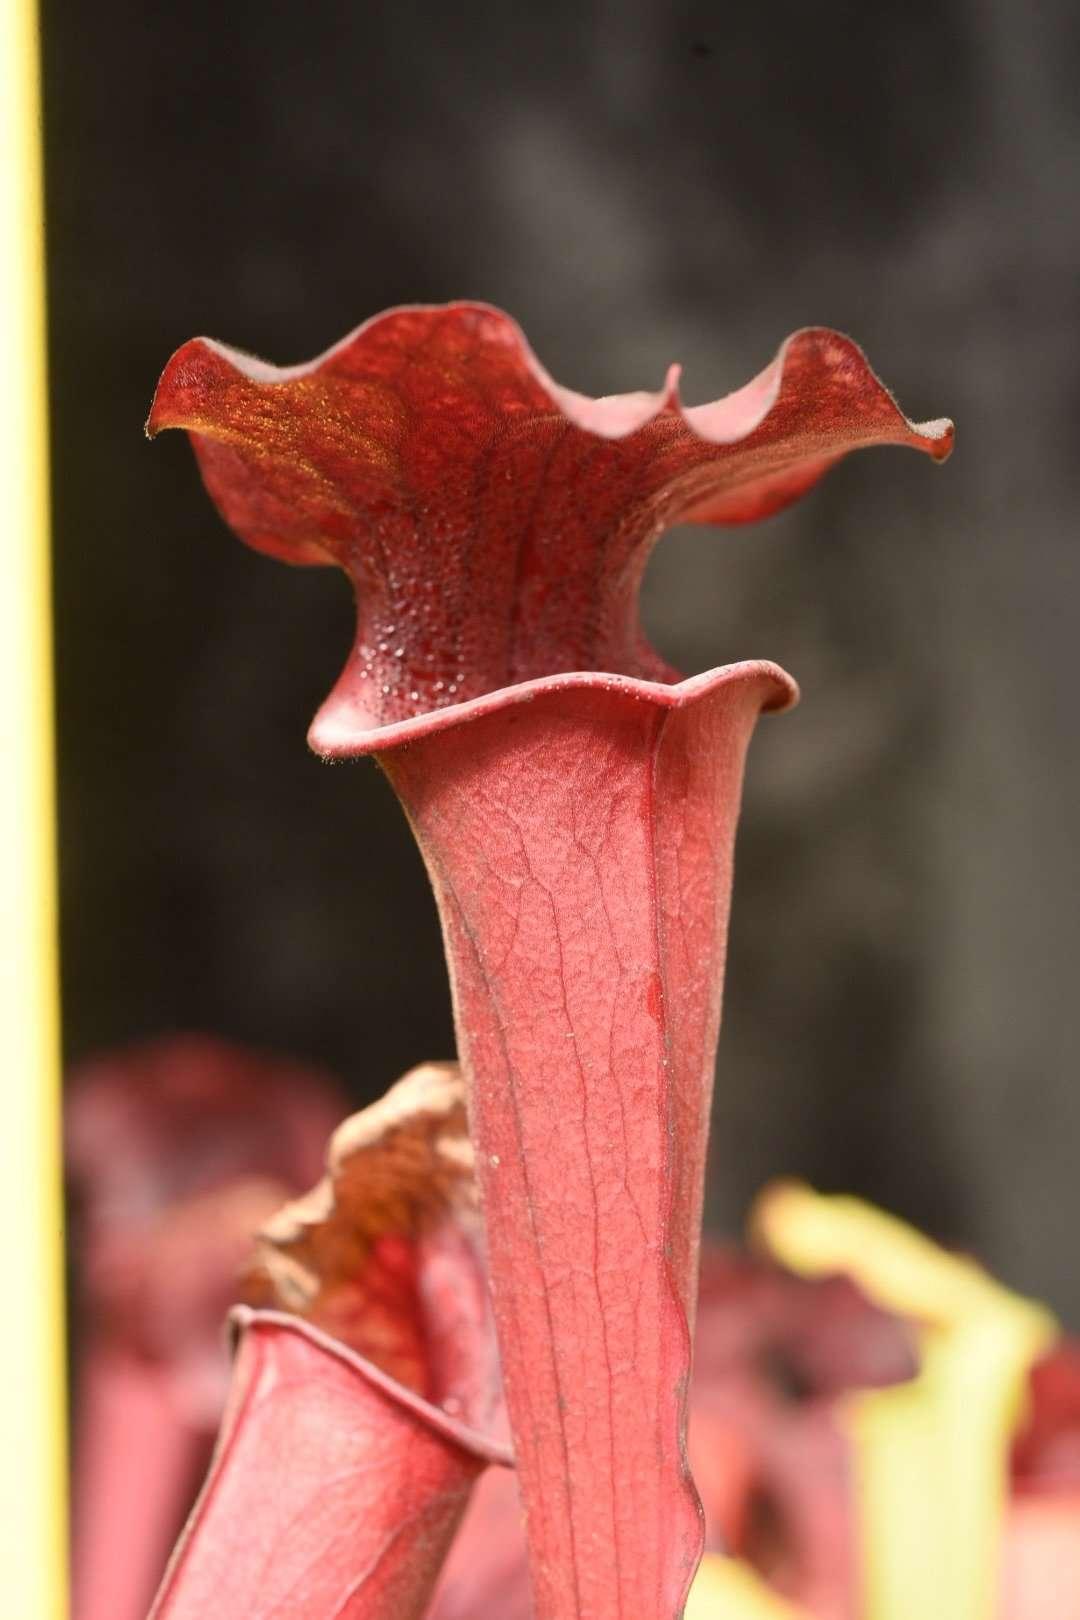 Sarracenia Black Widow x Ares pitcher